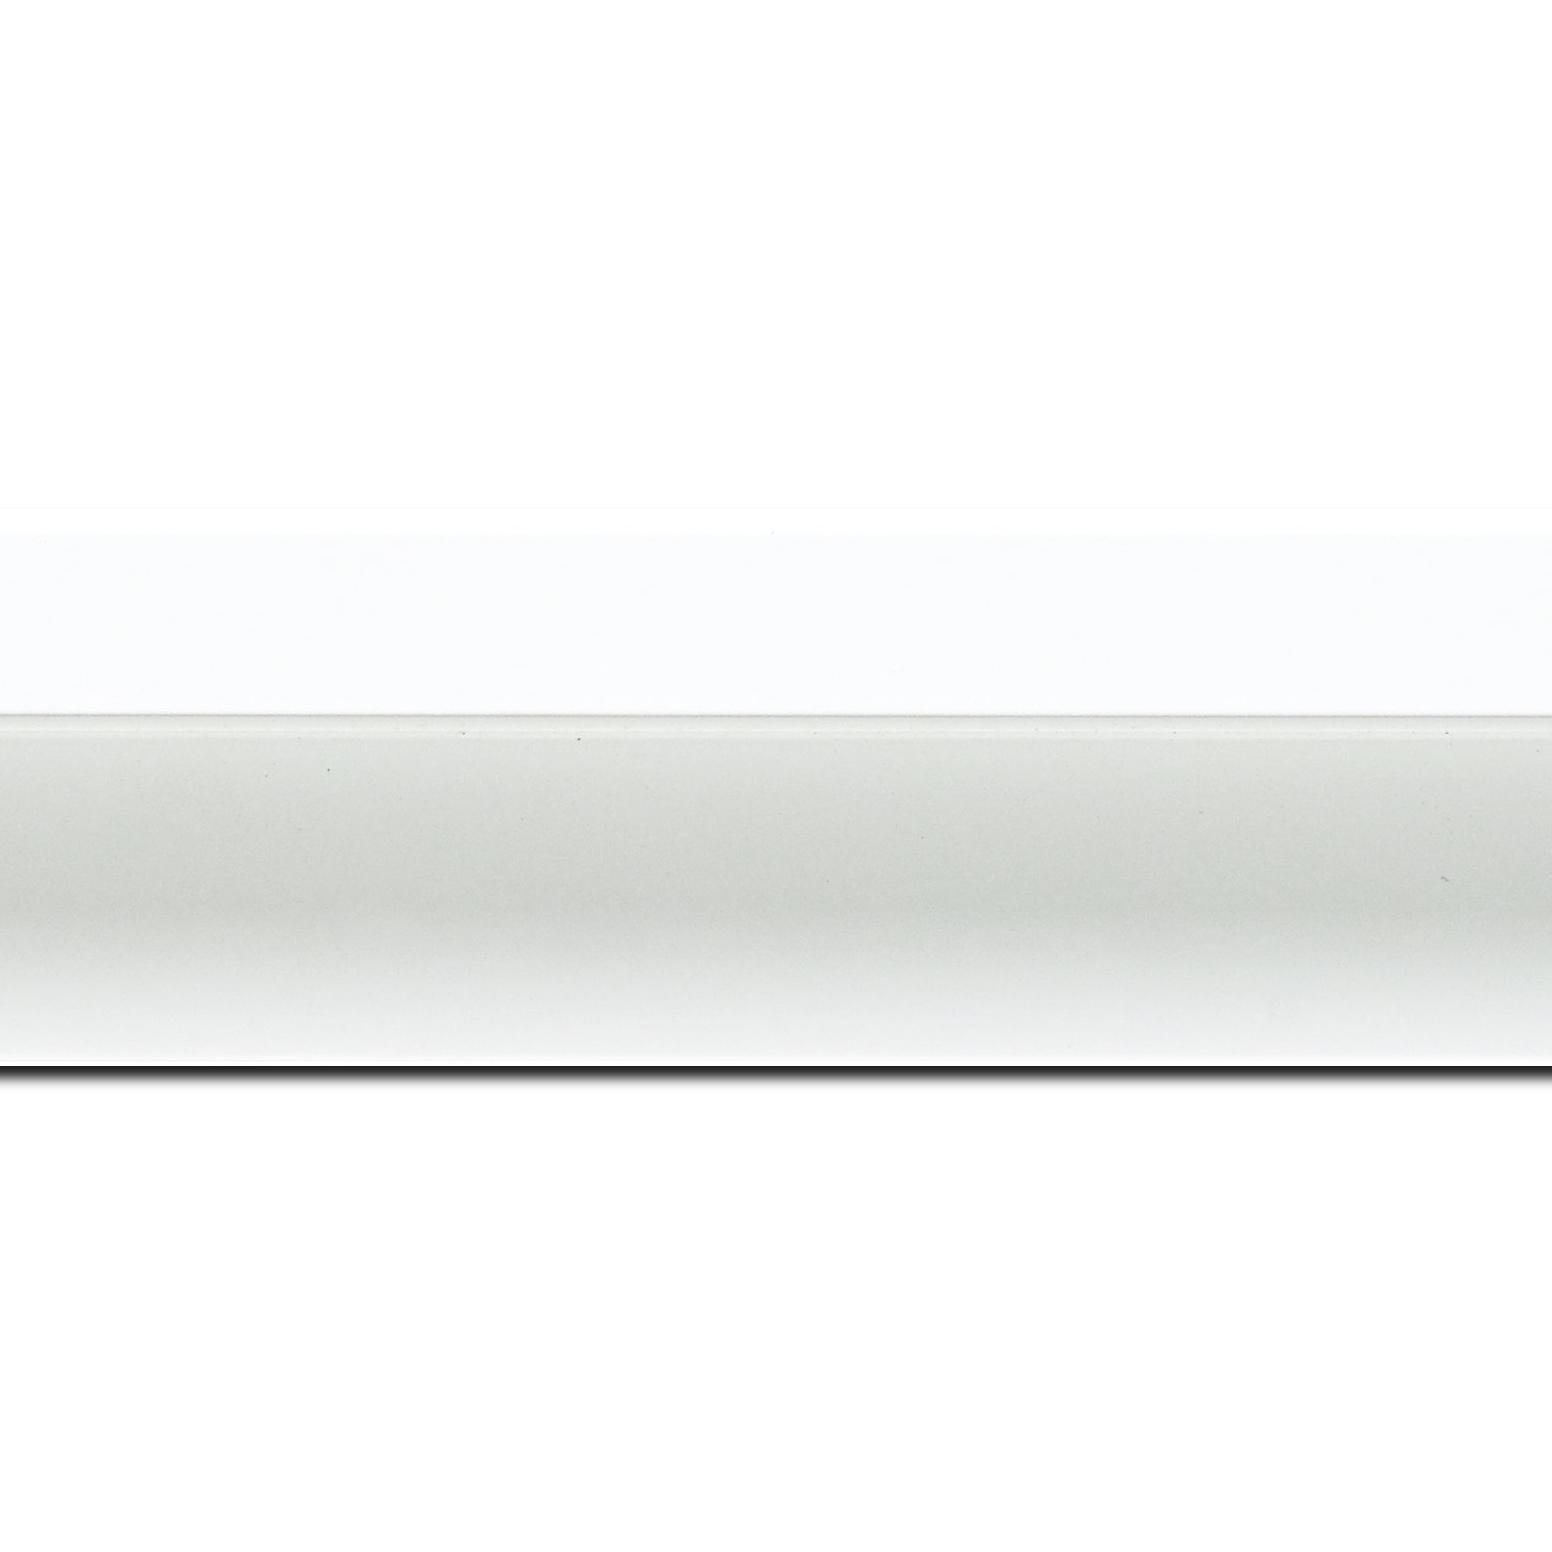 Baguette longueur 1.40m bois caisse américaine profil en l (flottante) largeur 4.5cm blanc mat finition pore bouché plat extérieur largeur 2cm qualitÉ galerie (spécialement conçu pour les châssis d'une épaisseur jusqu'à 3cm ) information complémentaire : il faut renseigner la dimension précise de votre sujet  et l'espace intérieur entre la toile et le cadre sera de 2cm